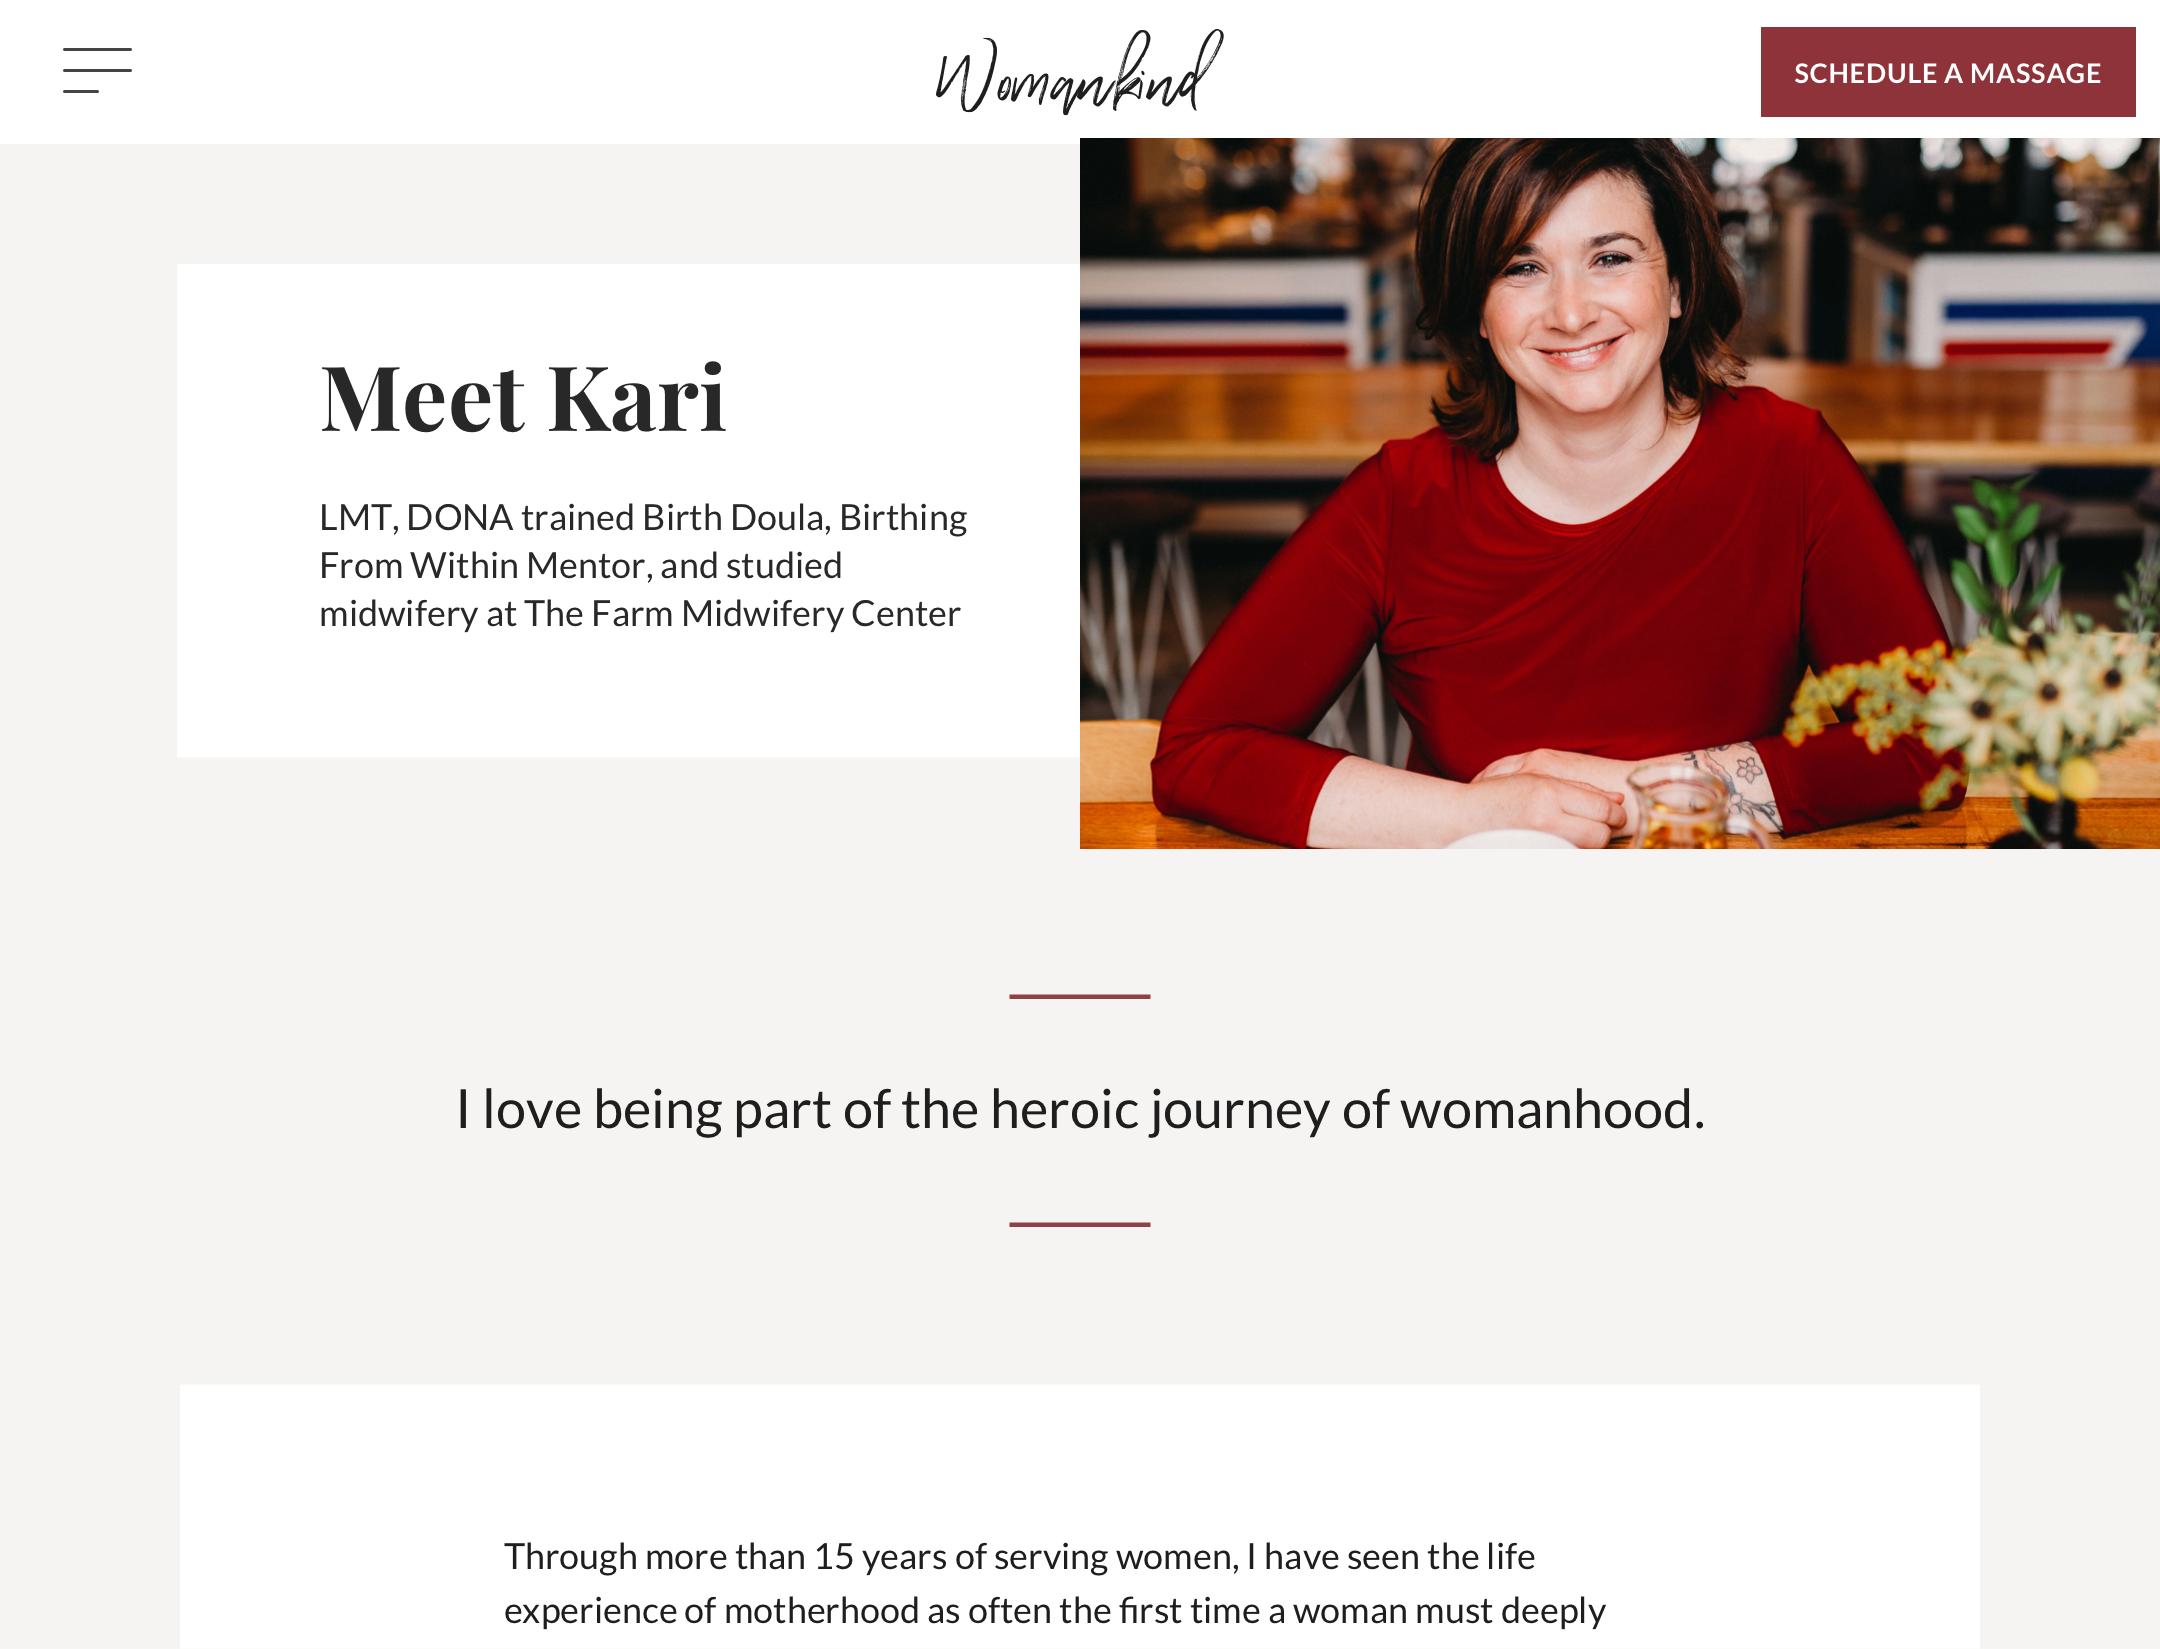 Meet kari